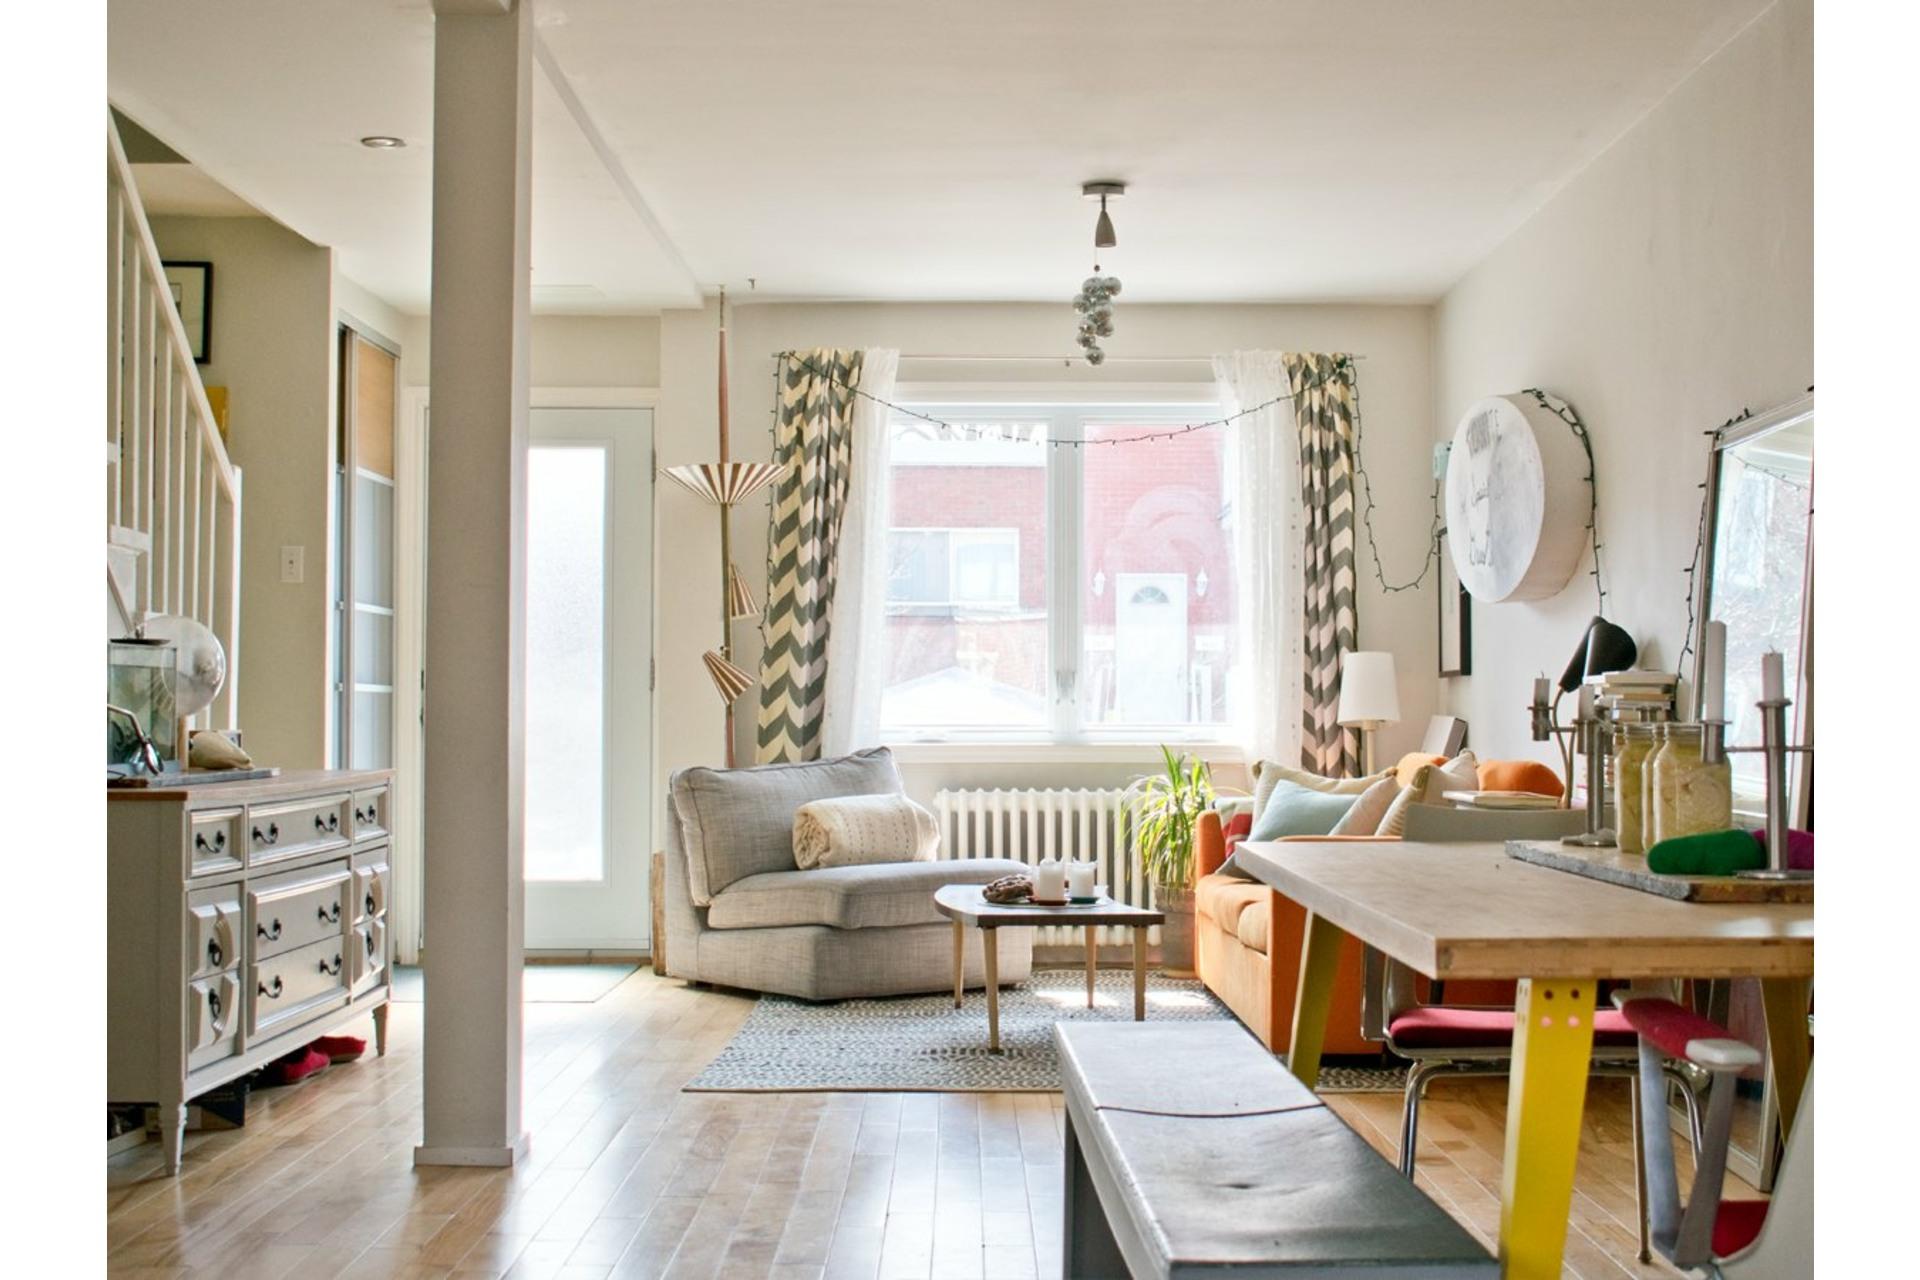 image 10 - Maison À vendre Villeray/Saint-Michel/Parc-Extension Montréal  - 9 pièces